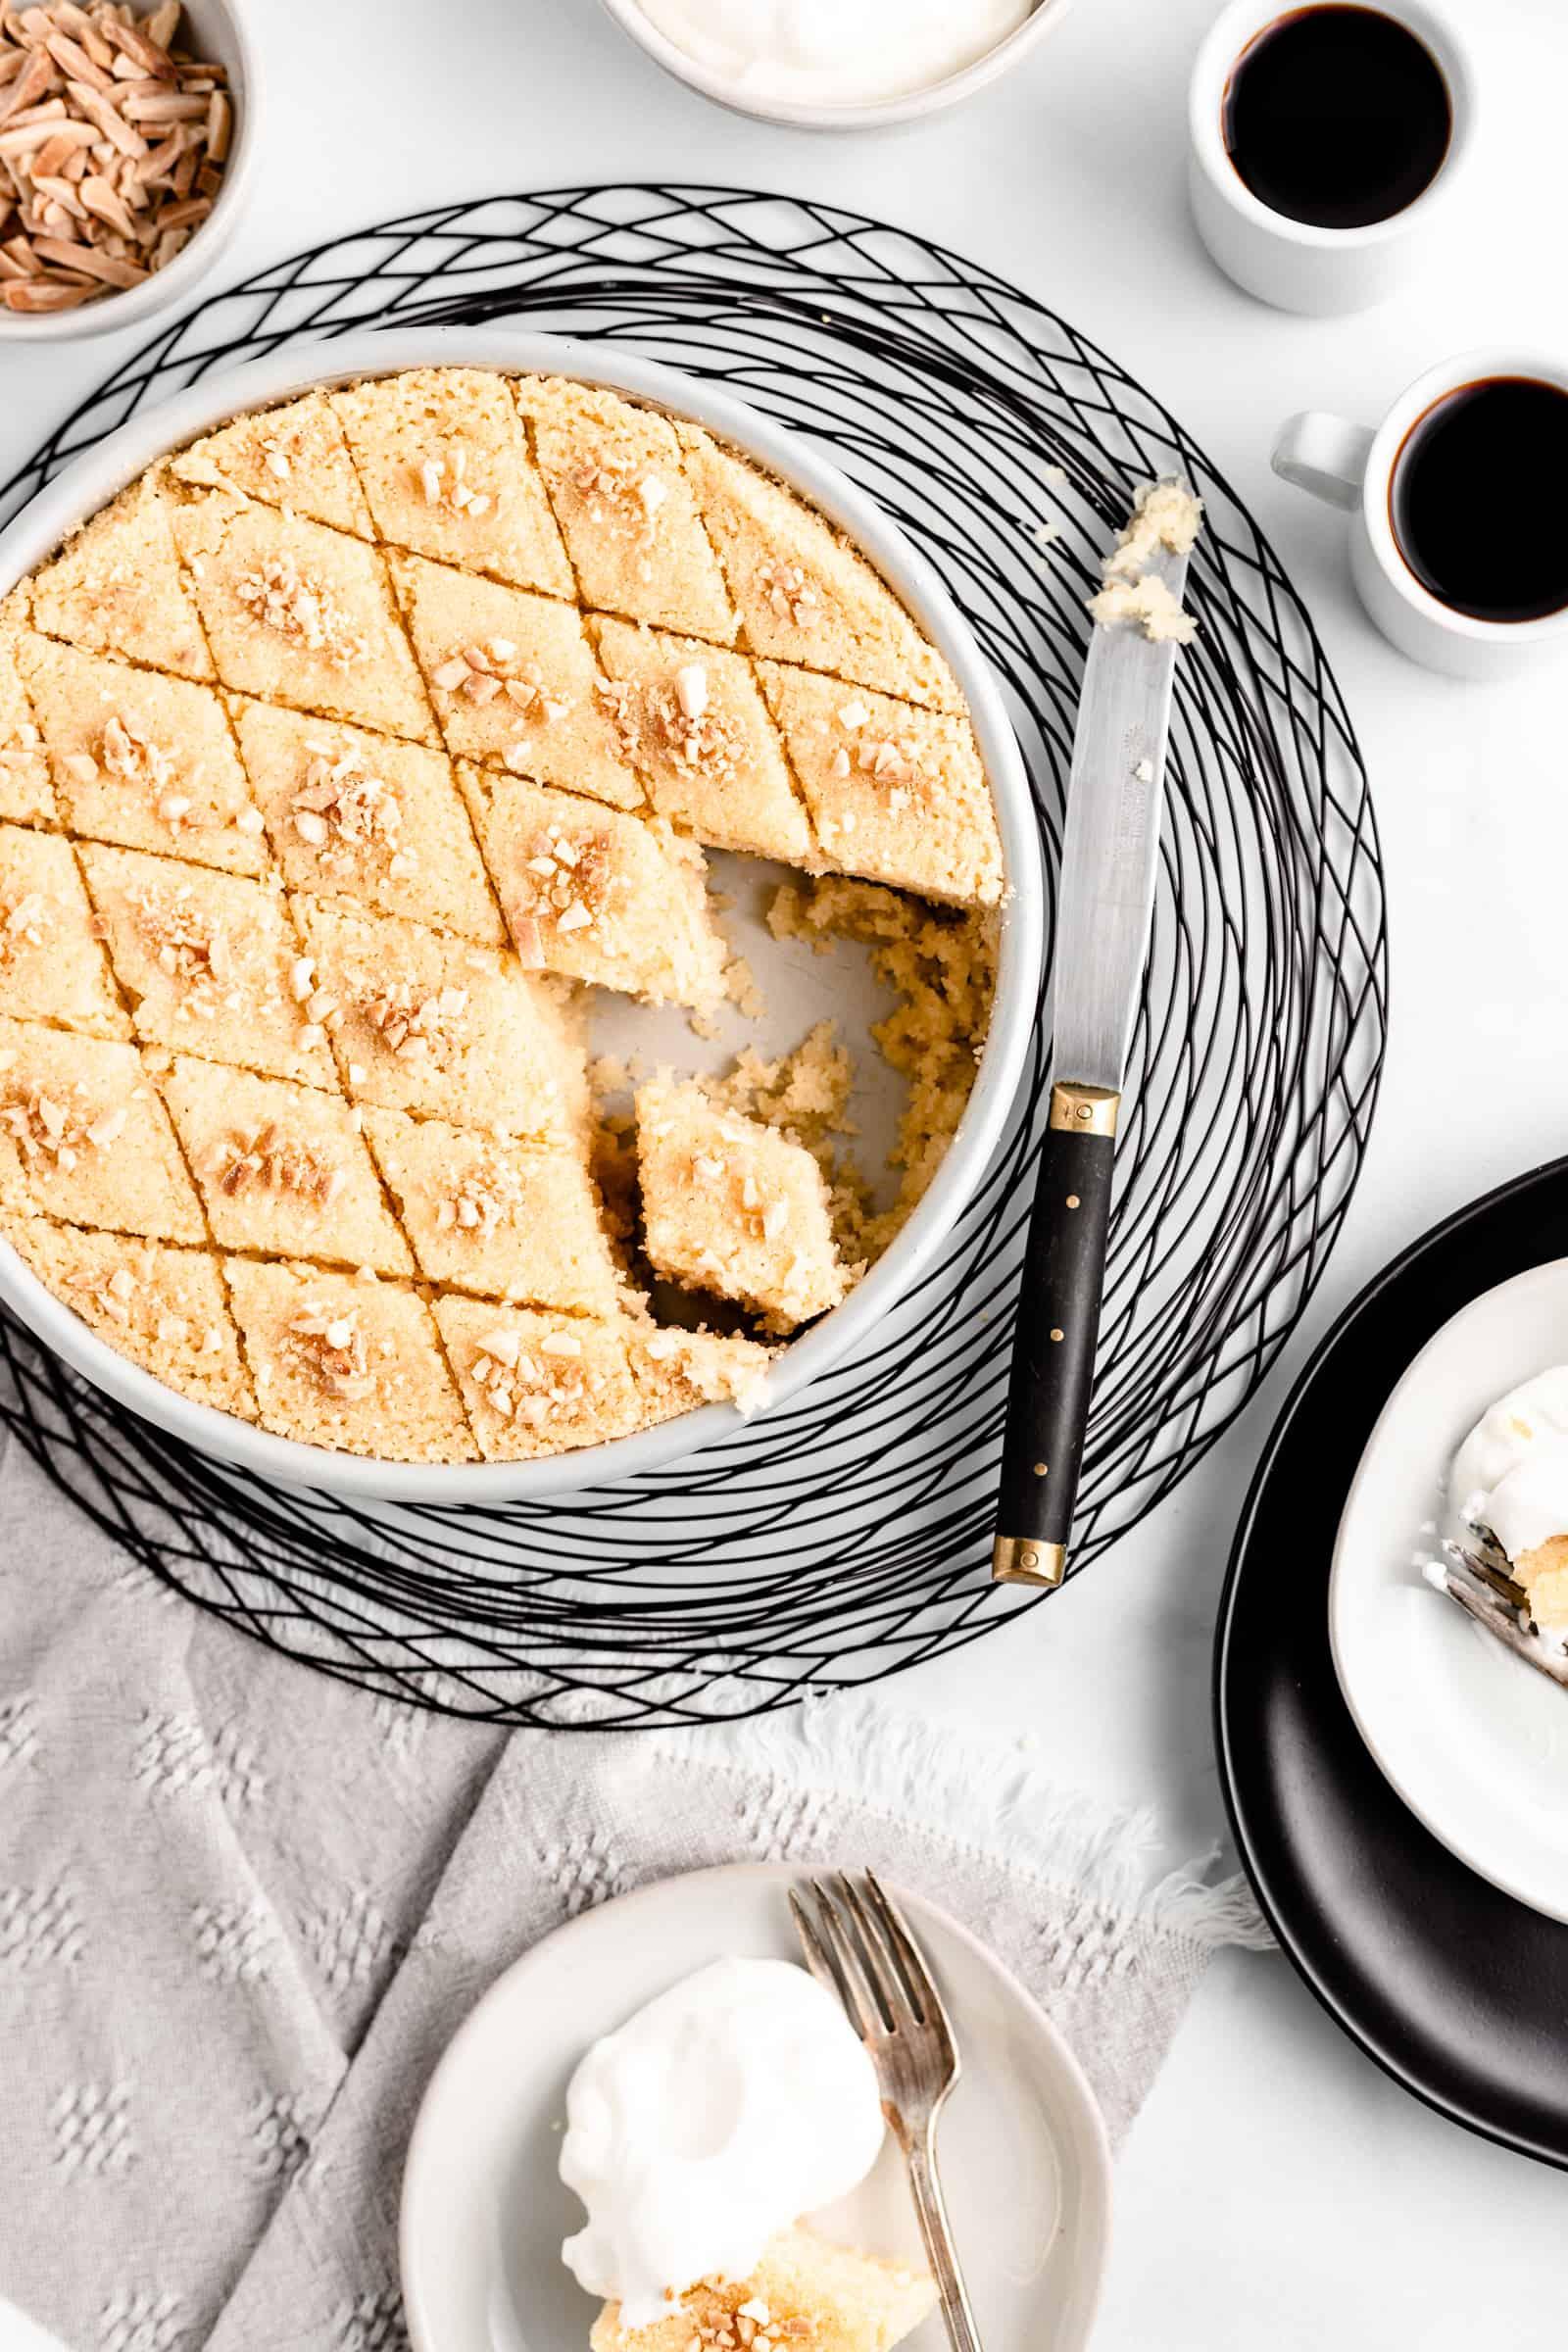 Orange Blossom Semolina Cake